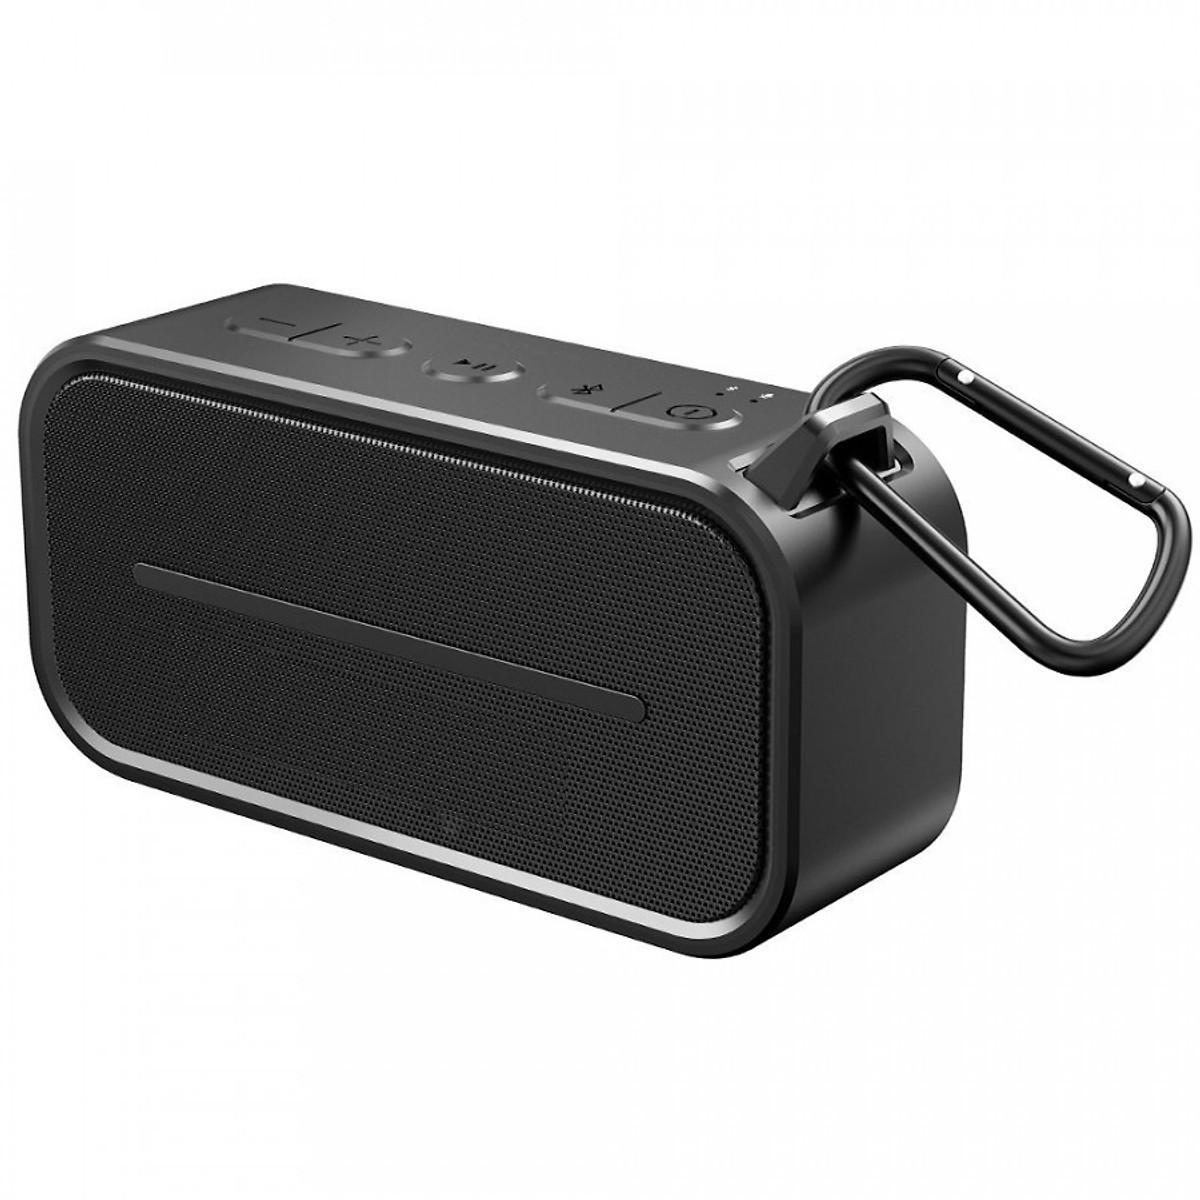 Loa bluetooth chống thấm nước, có hỗ trợ thẻ nhớ ngoài Micro SD